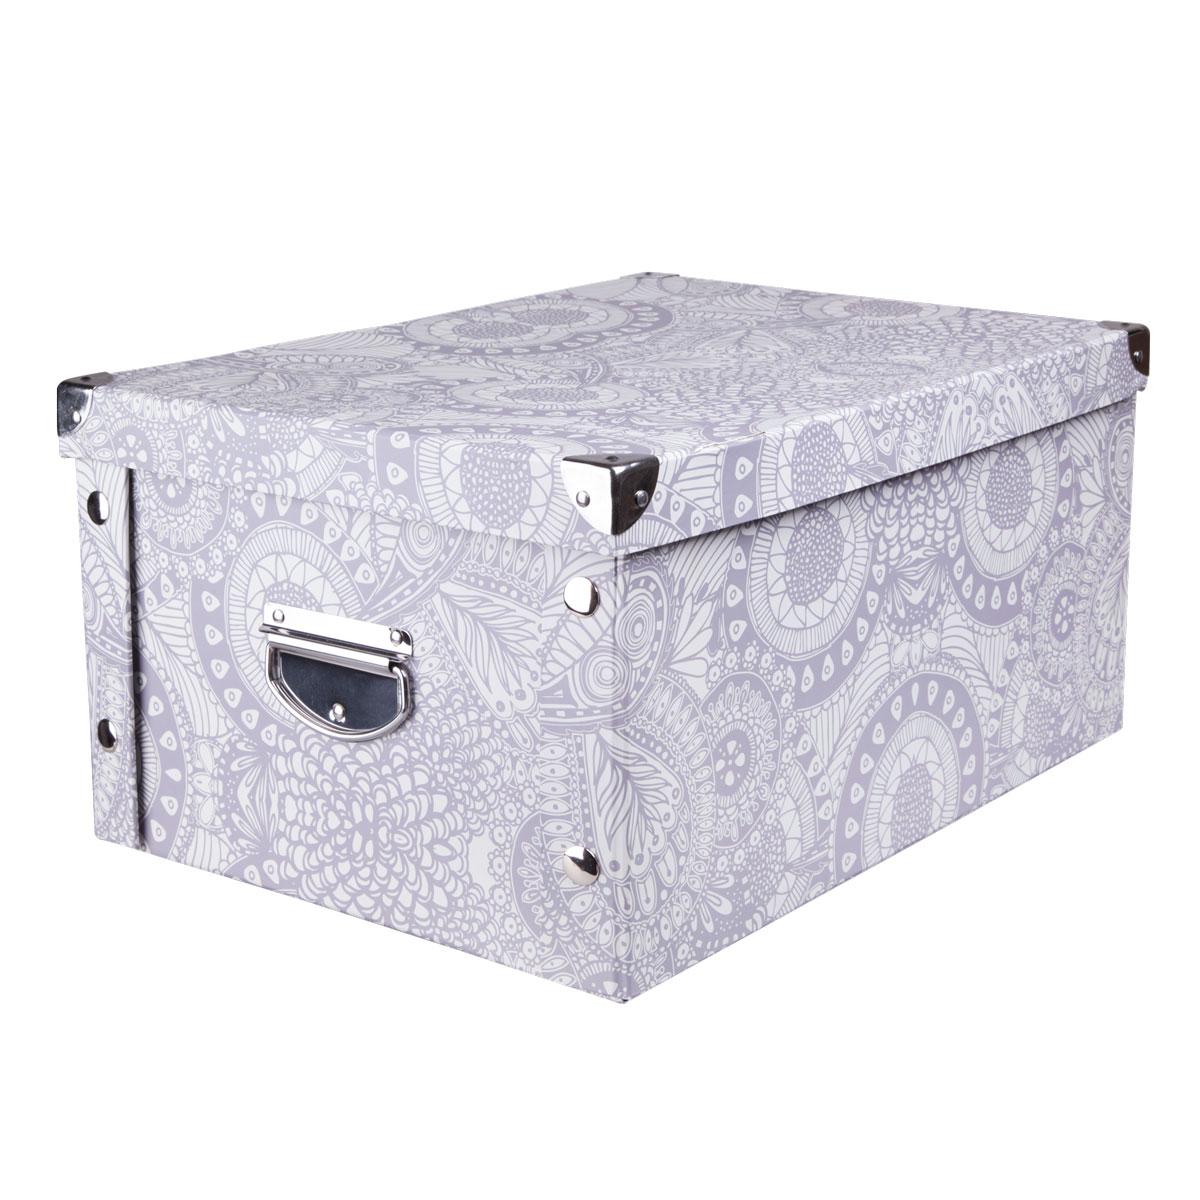 Коробка для хранения Miolla, 30 х 20 х 15 см. CFB-01CFB-01Коробка для хранения Miolla прекрасно подойдет для хранения бытовых мелочей, документов, аксессуаров для рукоделия и других мелких предметов. Коробка поставляется в разобранном виде, легко и быстро складывается. Плотная крышка и удобные для переноски металлические ручки станут приятным дополнением к функциональным достоинствам коробки. Удобная крышка не даст ни одной вещи потеряться, а оптимальный размер подойдет для любого шкафа или полки. Компактная, но при этом вместительная коробка для хранения станет яркой нотой в вашем интерьере.